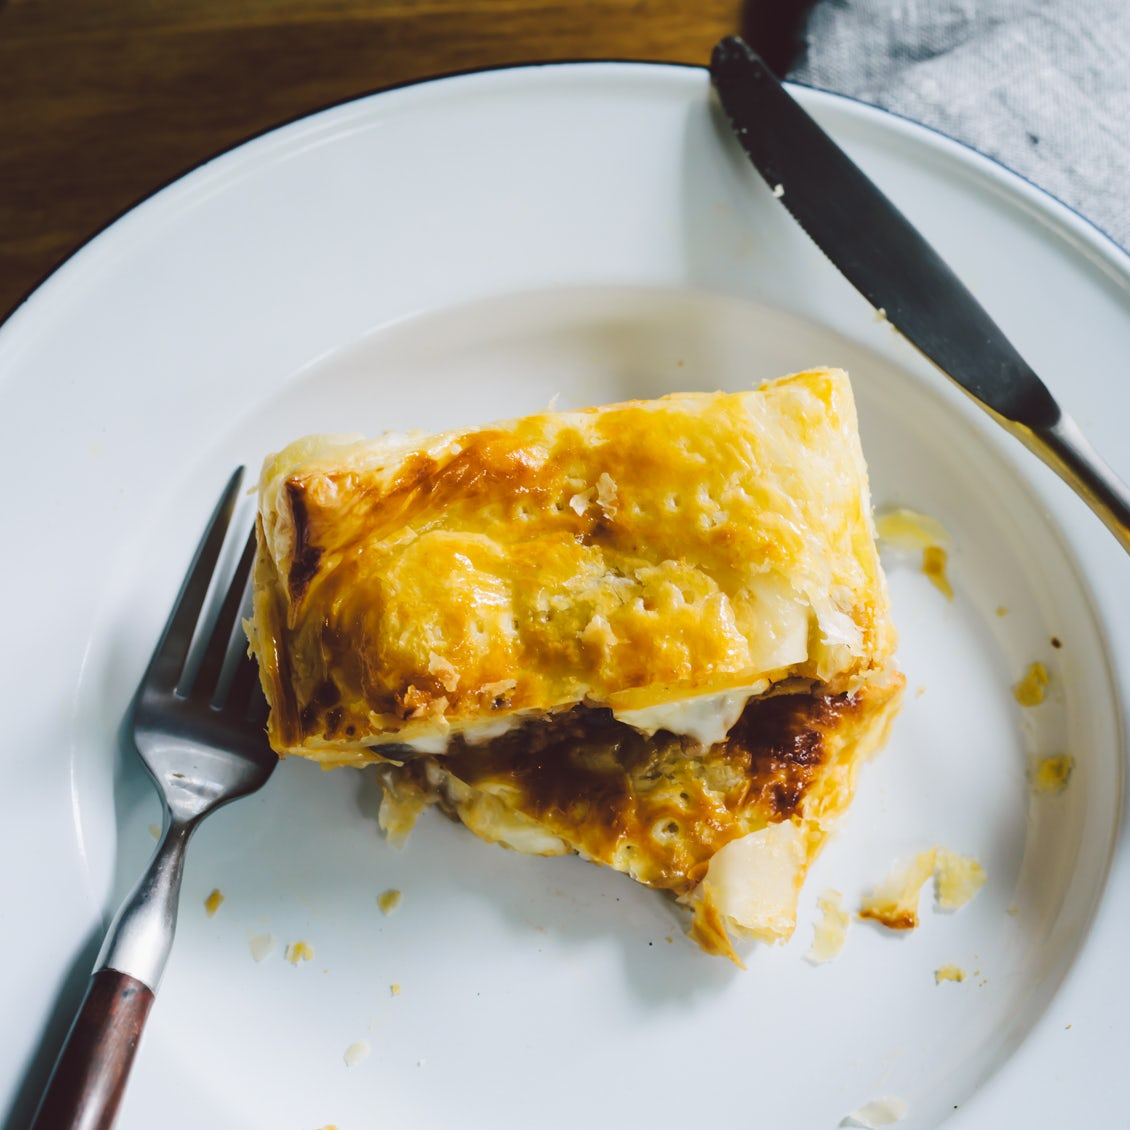 【今日はパイ日和】第1話 : チーズとろりのコク旨ミートパイ